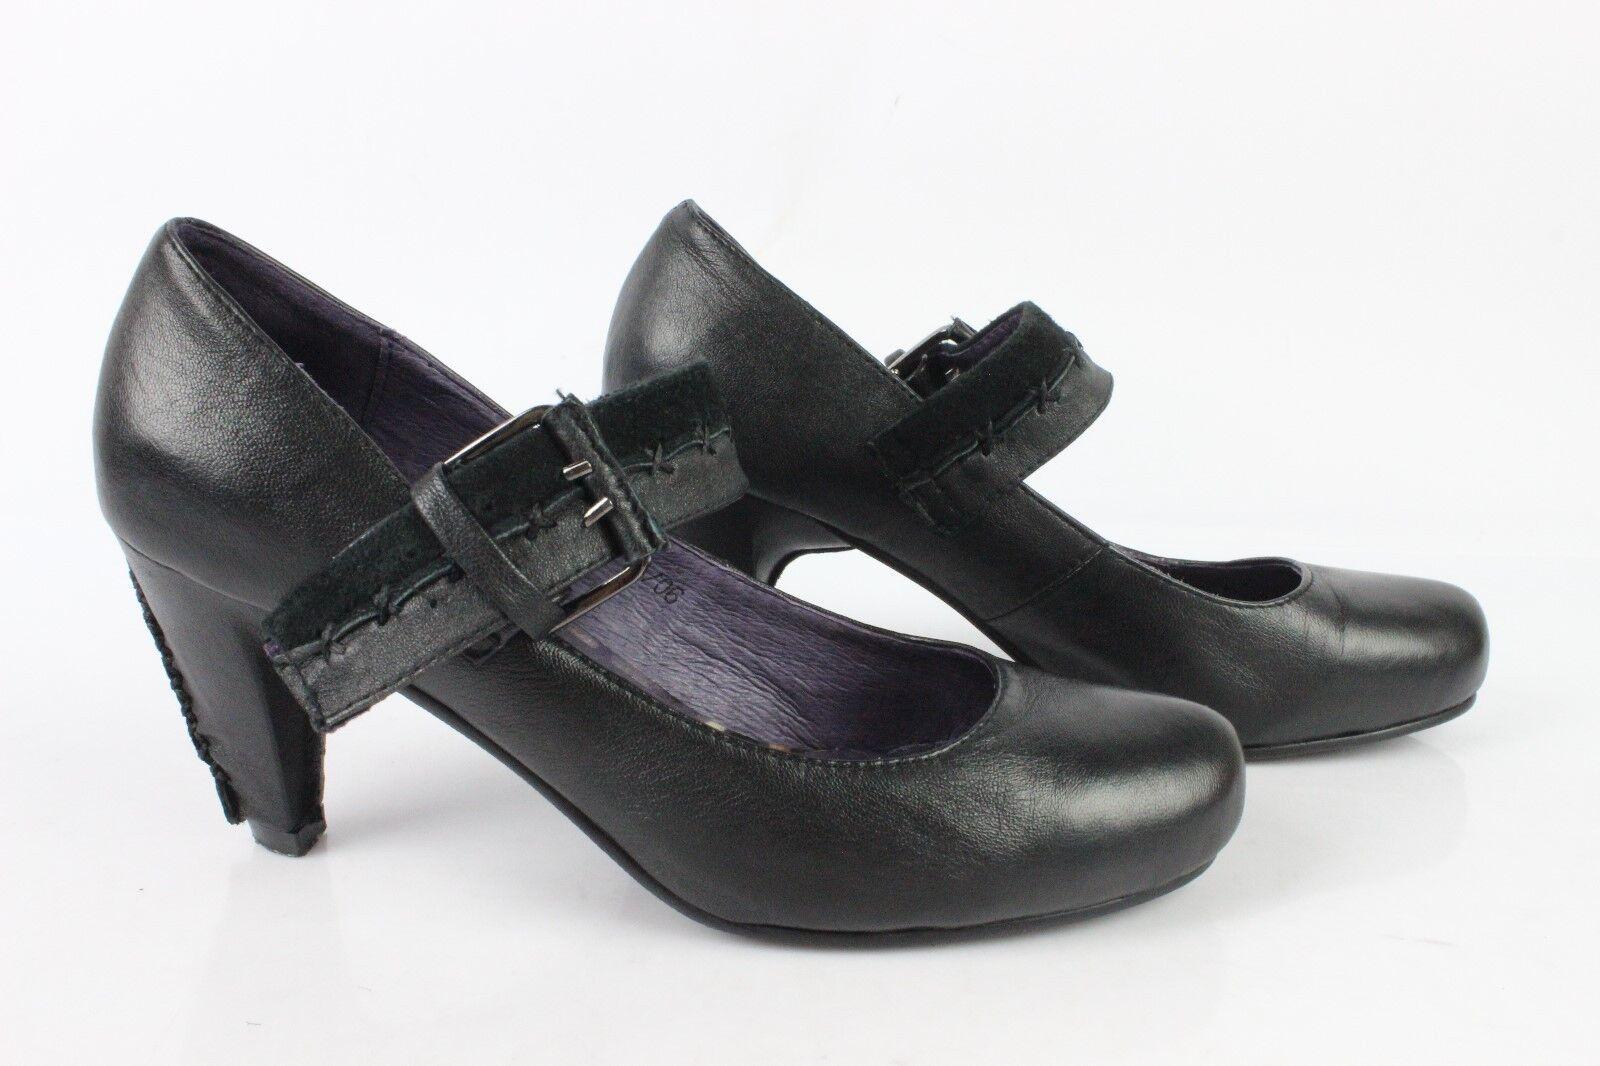 Escarpins à Brides color POURPRE Cuir black T 37 TRES BON ETAT